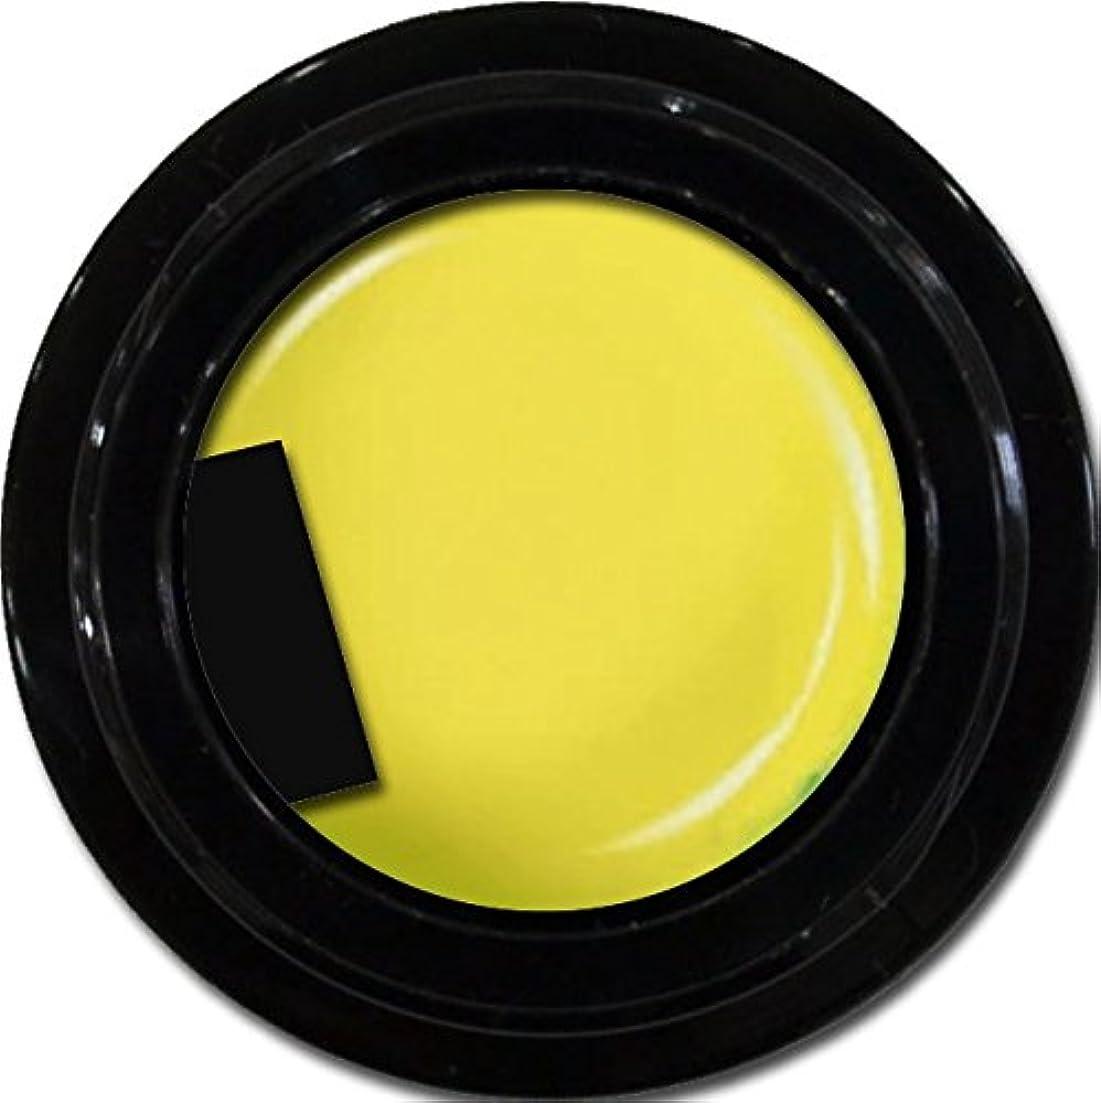 教授練習した重要な役割を果たす、中心的な手段となるカラージェル enchant color gel M602 MoroccoYellow 3g/ マットカラージェル M602 モロッコイエロー 3グラム